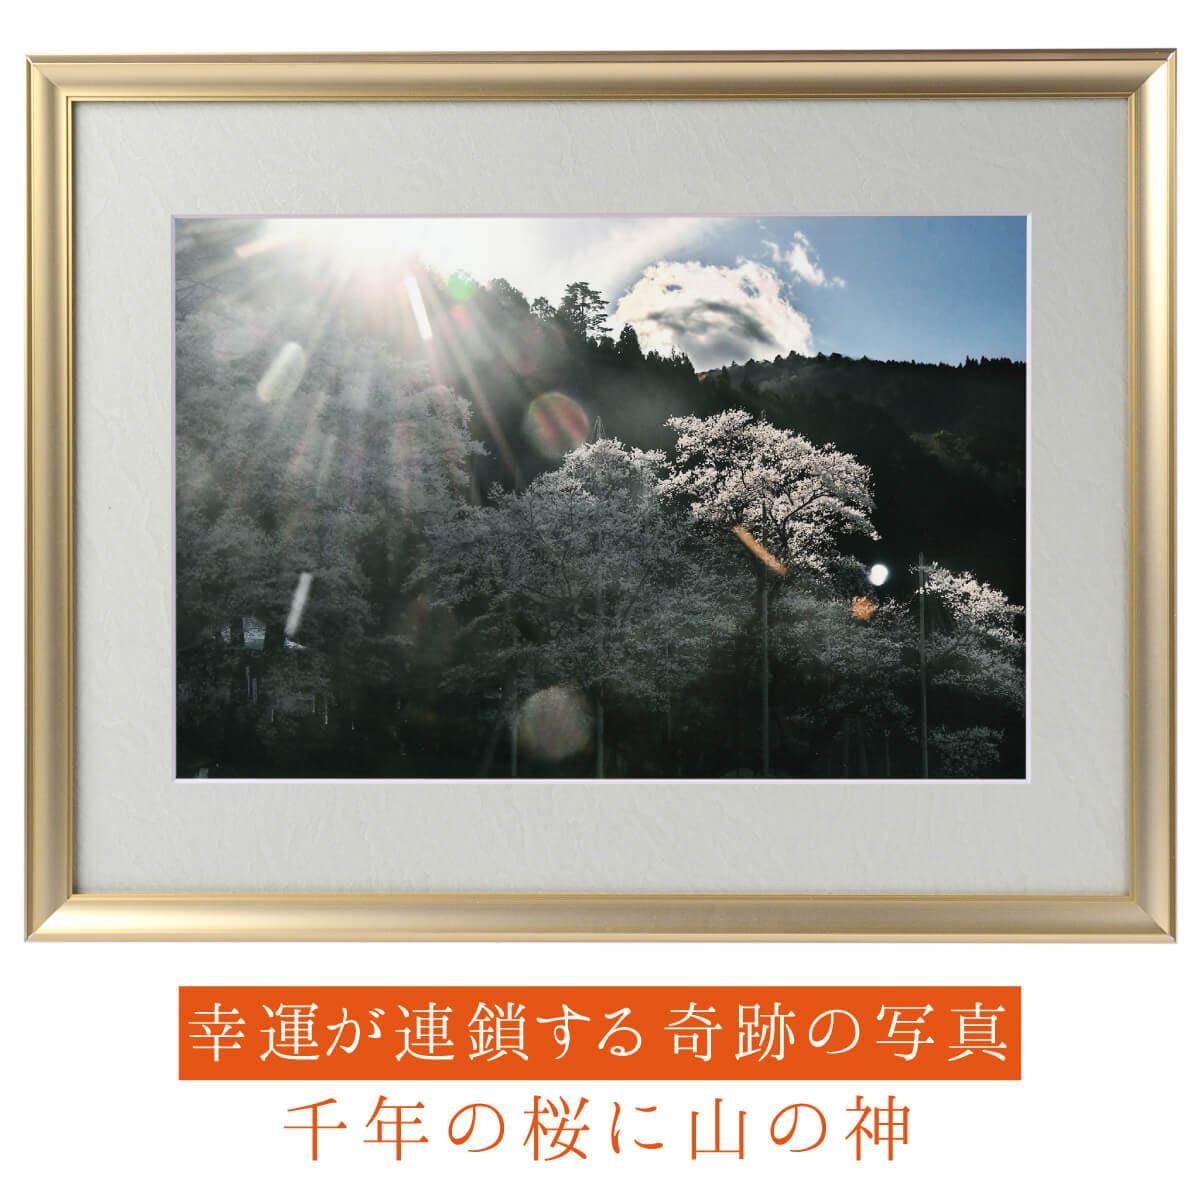 【奇跡の写真】千年の桜に山の神 ≫飾るだけで幸運が連鎖すると話題!秋元隆良の開運フォト作品 開運グッズ